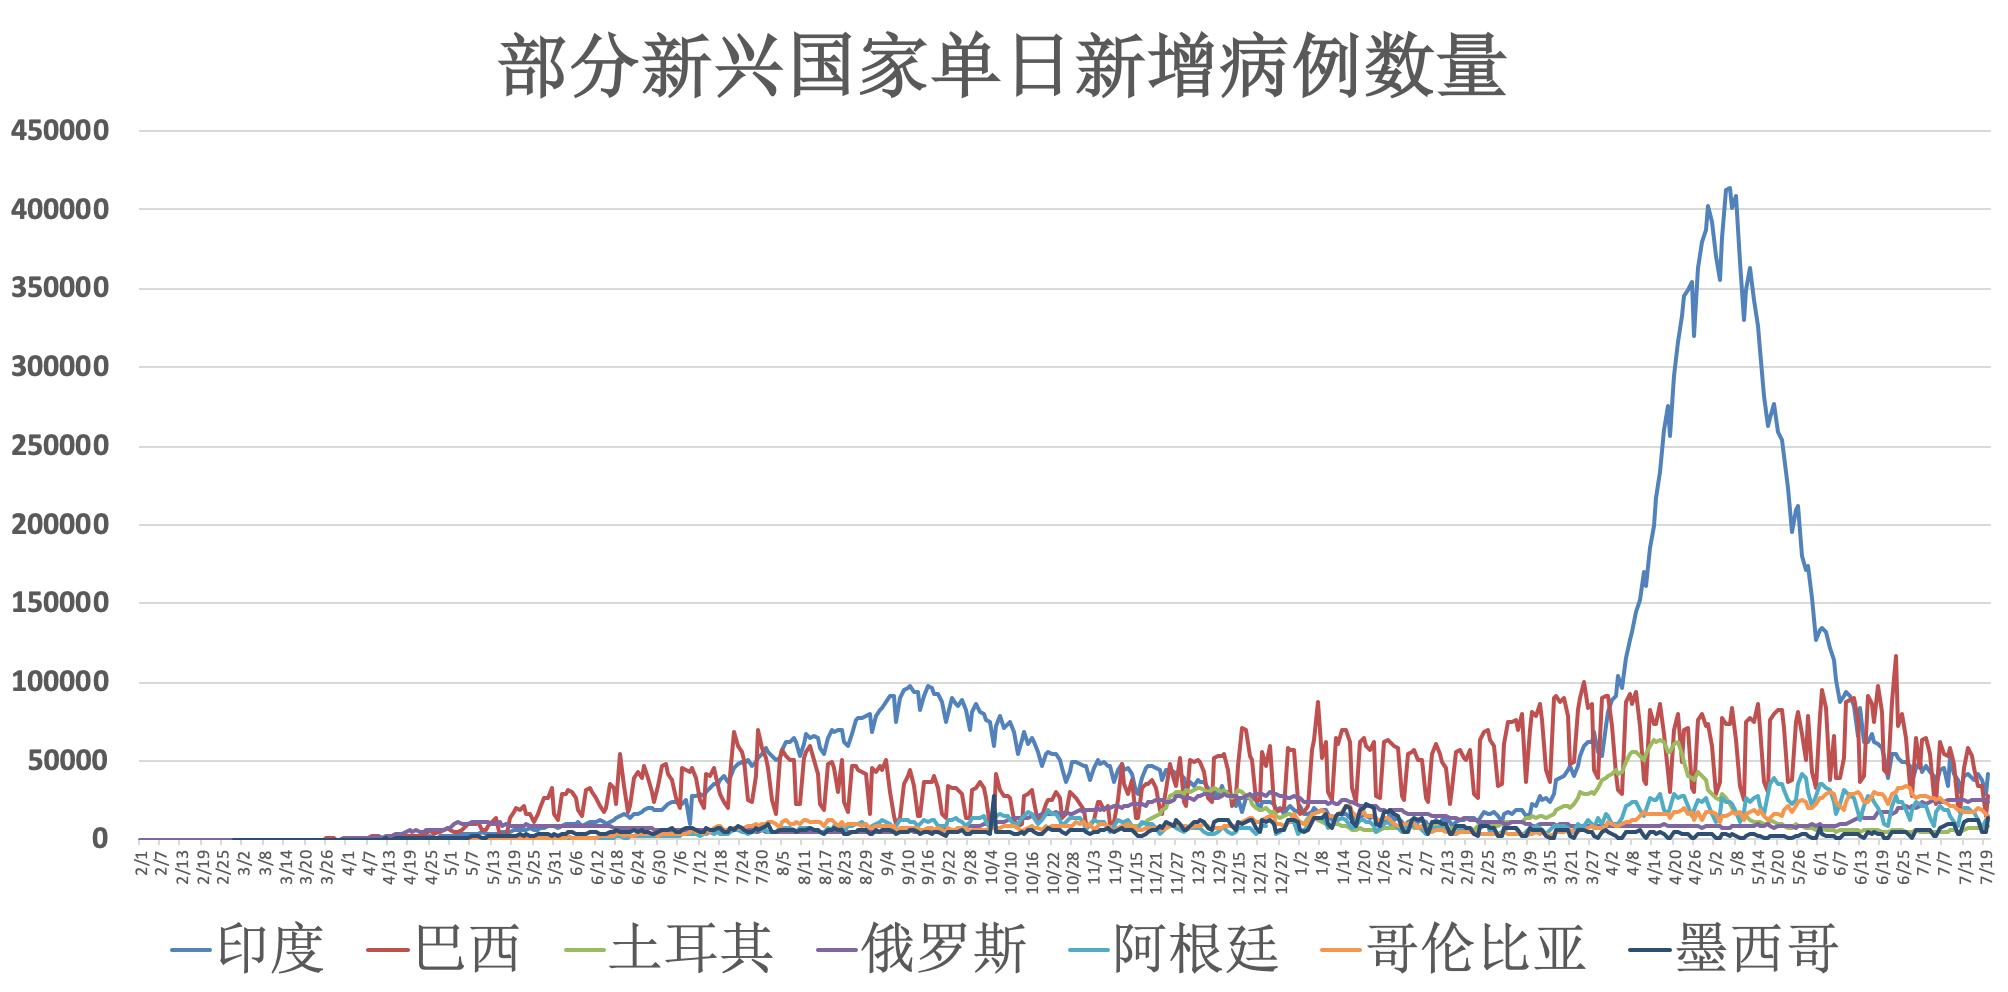 全球疫情动态【7月21日】:南京市多地调为中风险地域 法国96%新增新冠传染者未接种疫苗  传染病 疫情 第3张